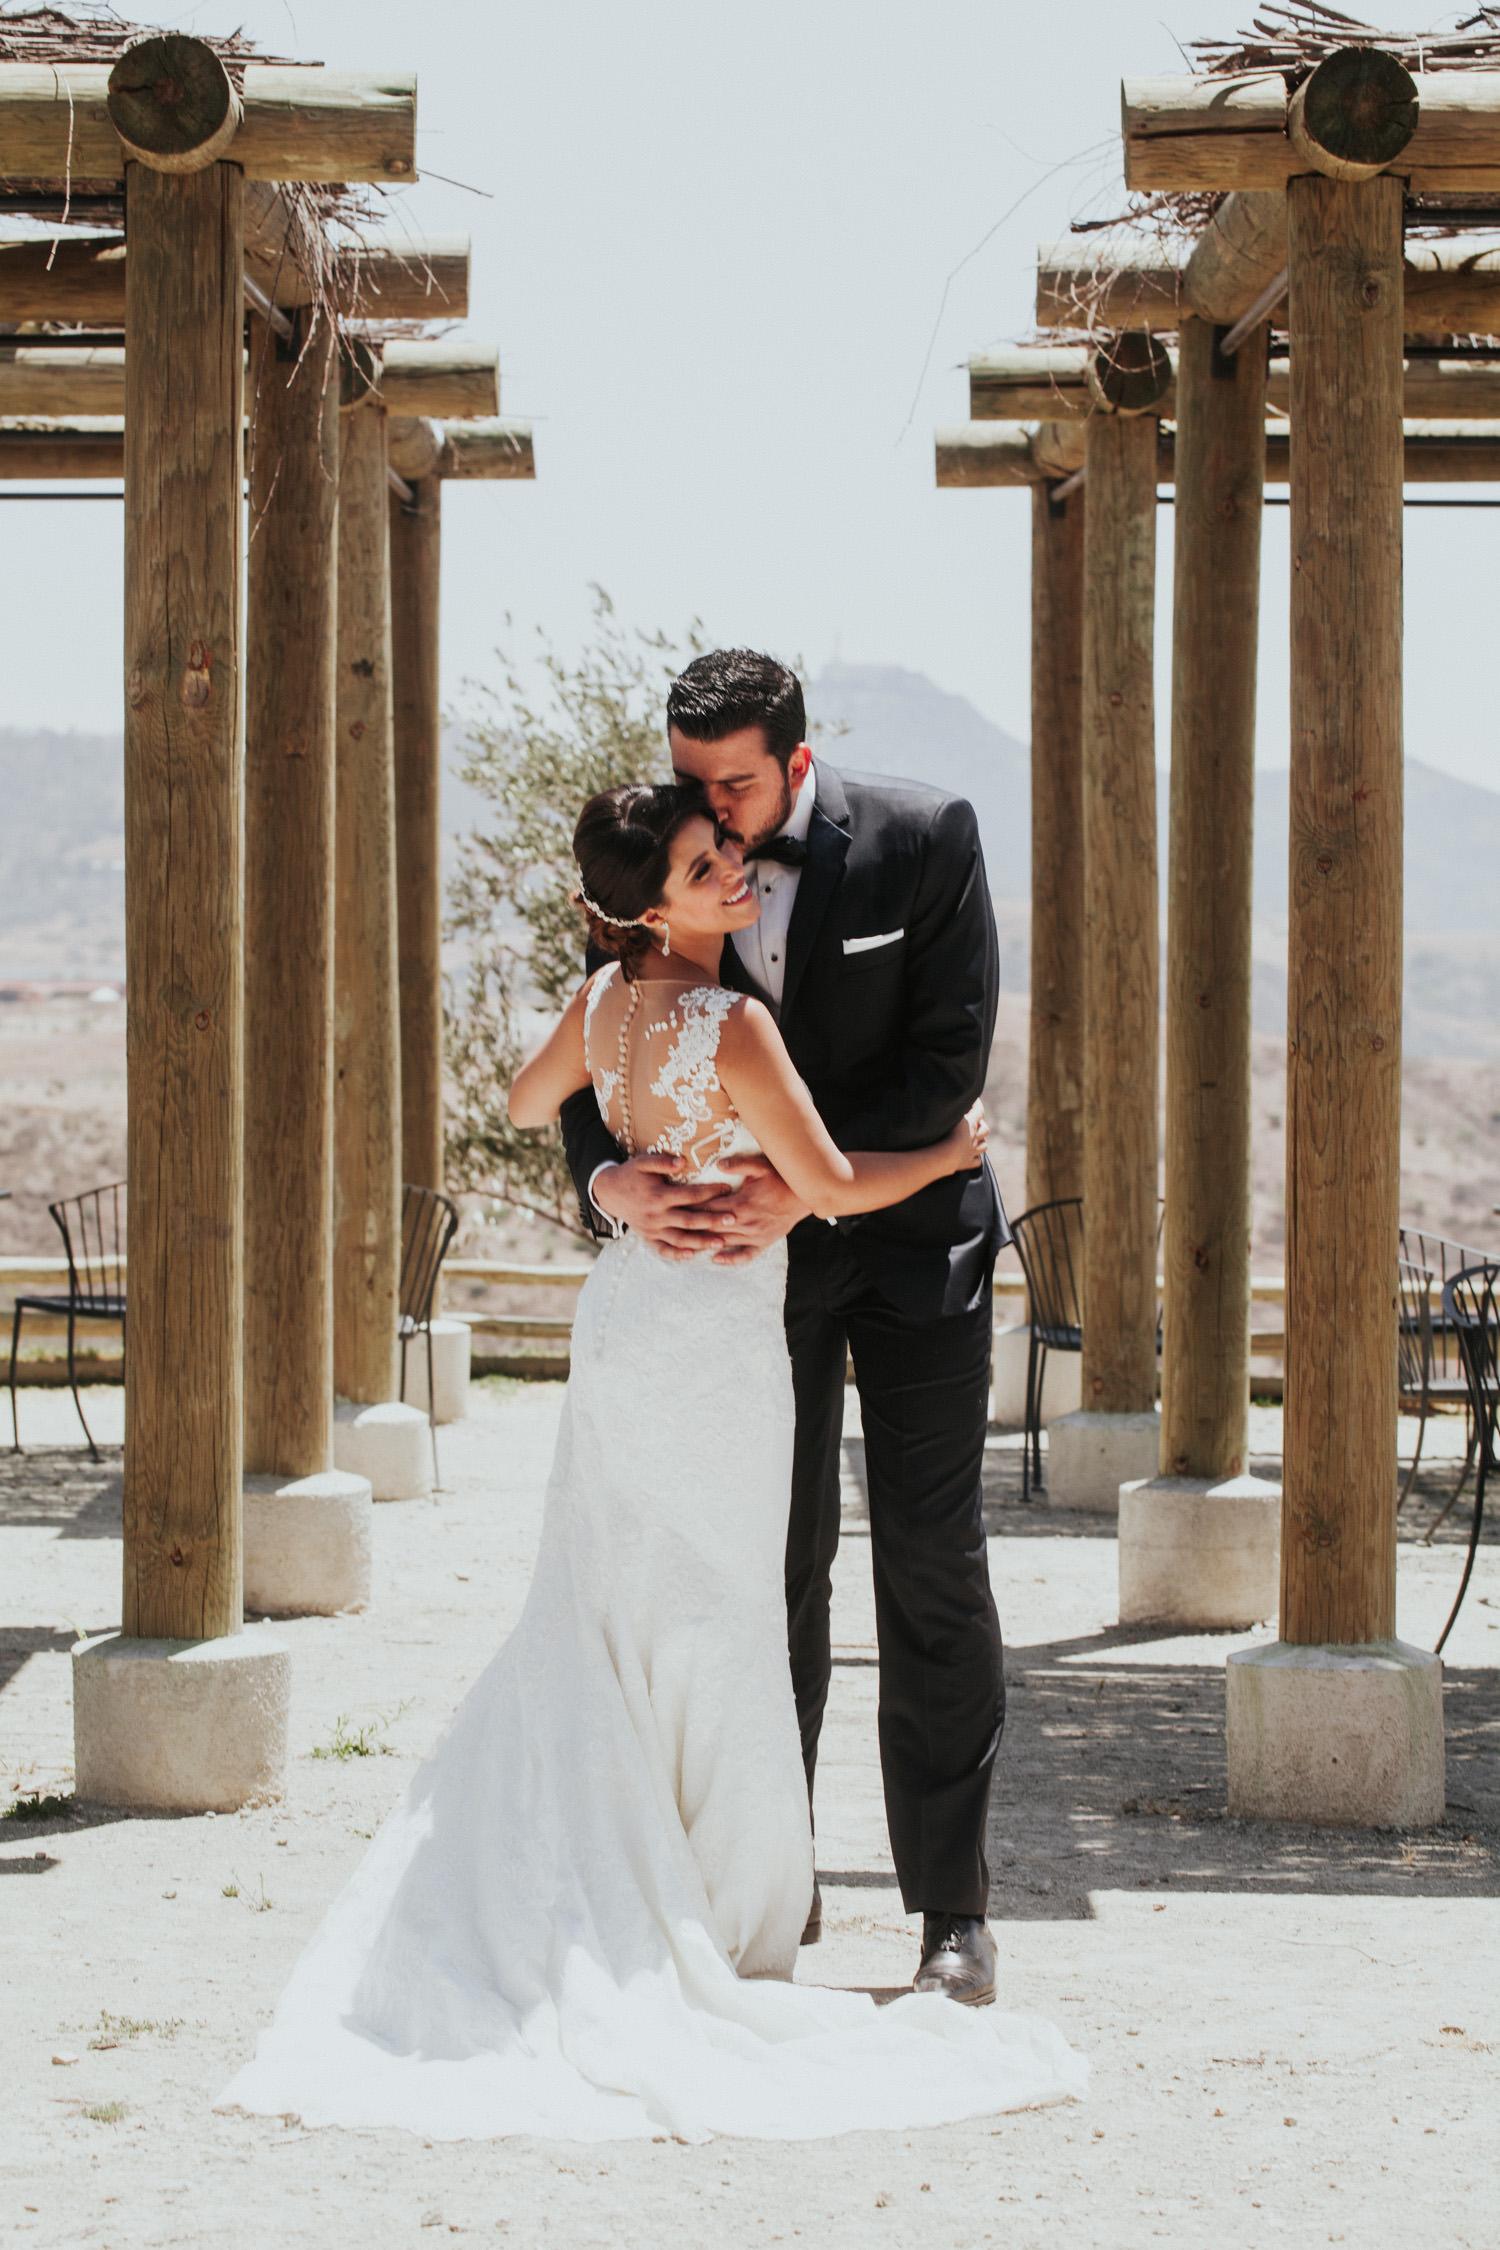 Boda-Guanajuato-Camino-de-Vinos-San-Miguel-Allende-Wedding-Fotografia-Paulina-Mauricio-Pierce0024.JPG